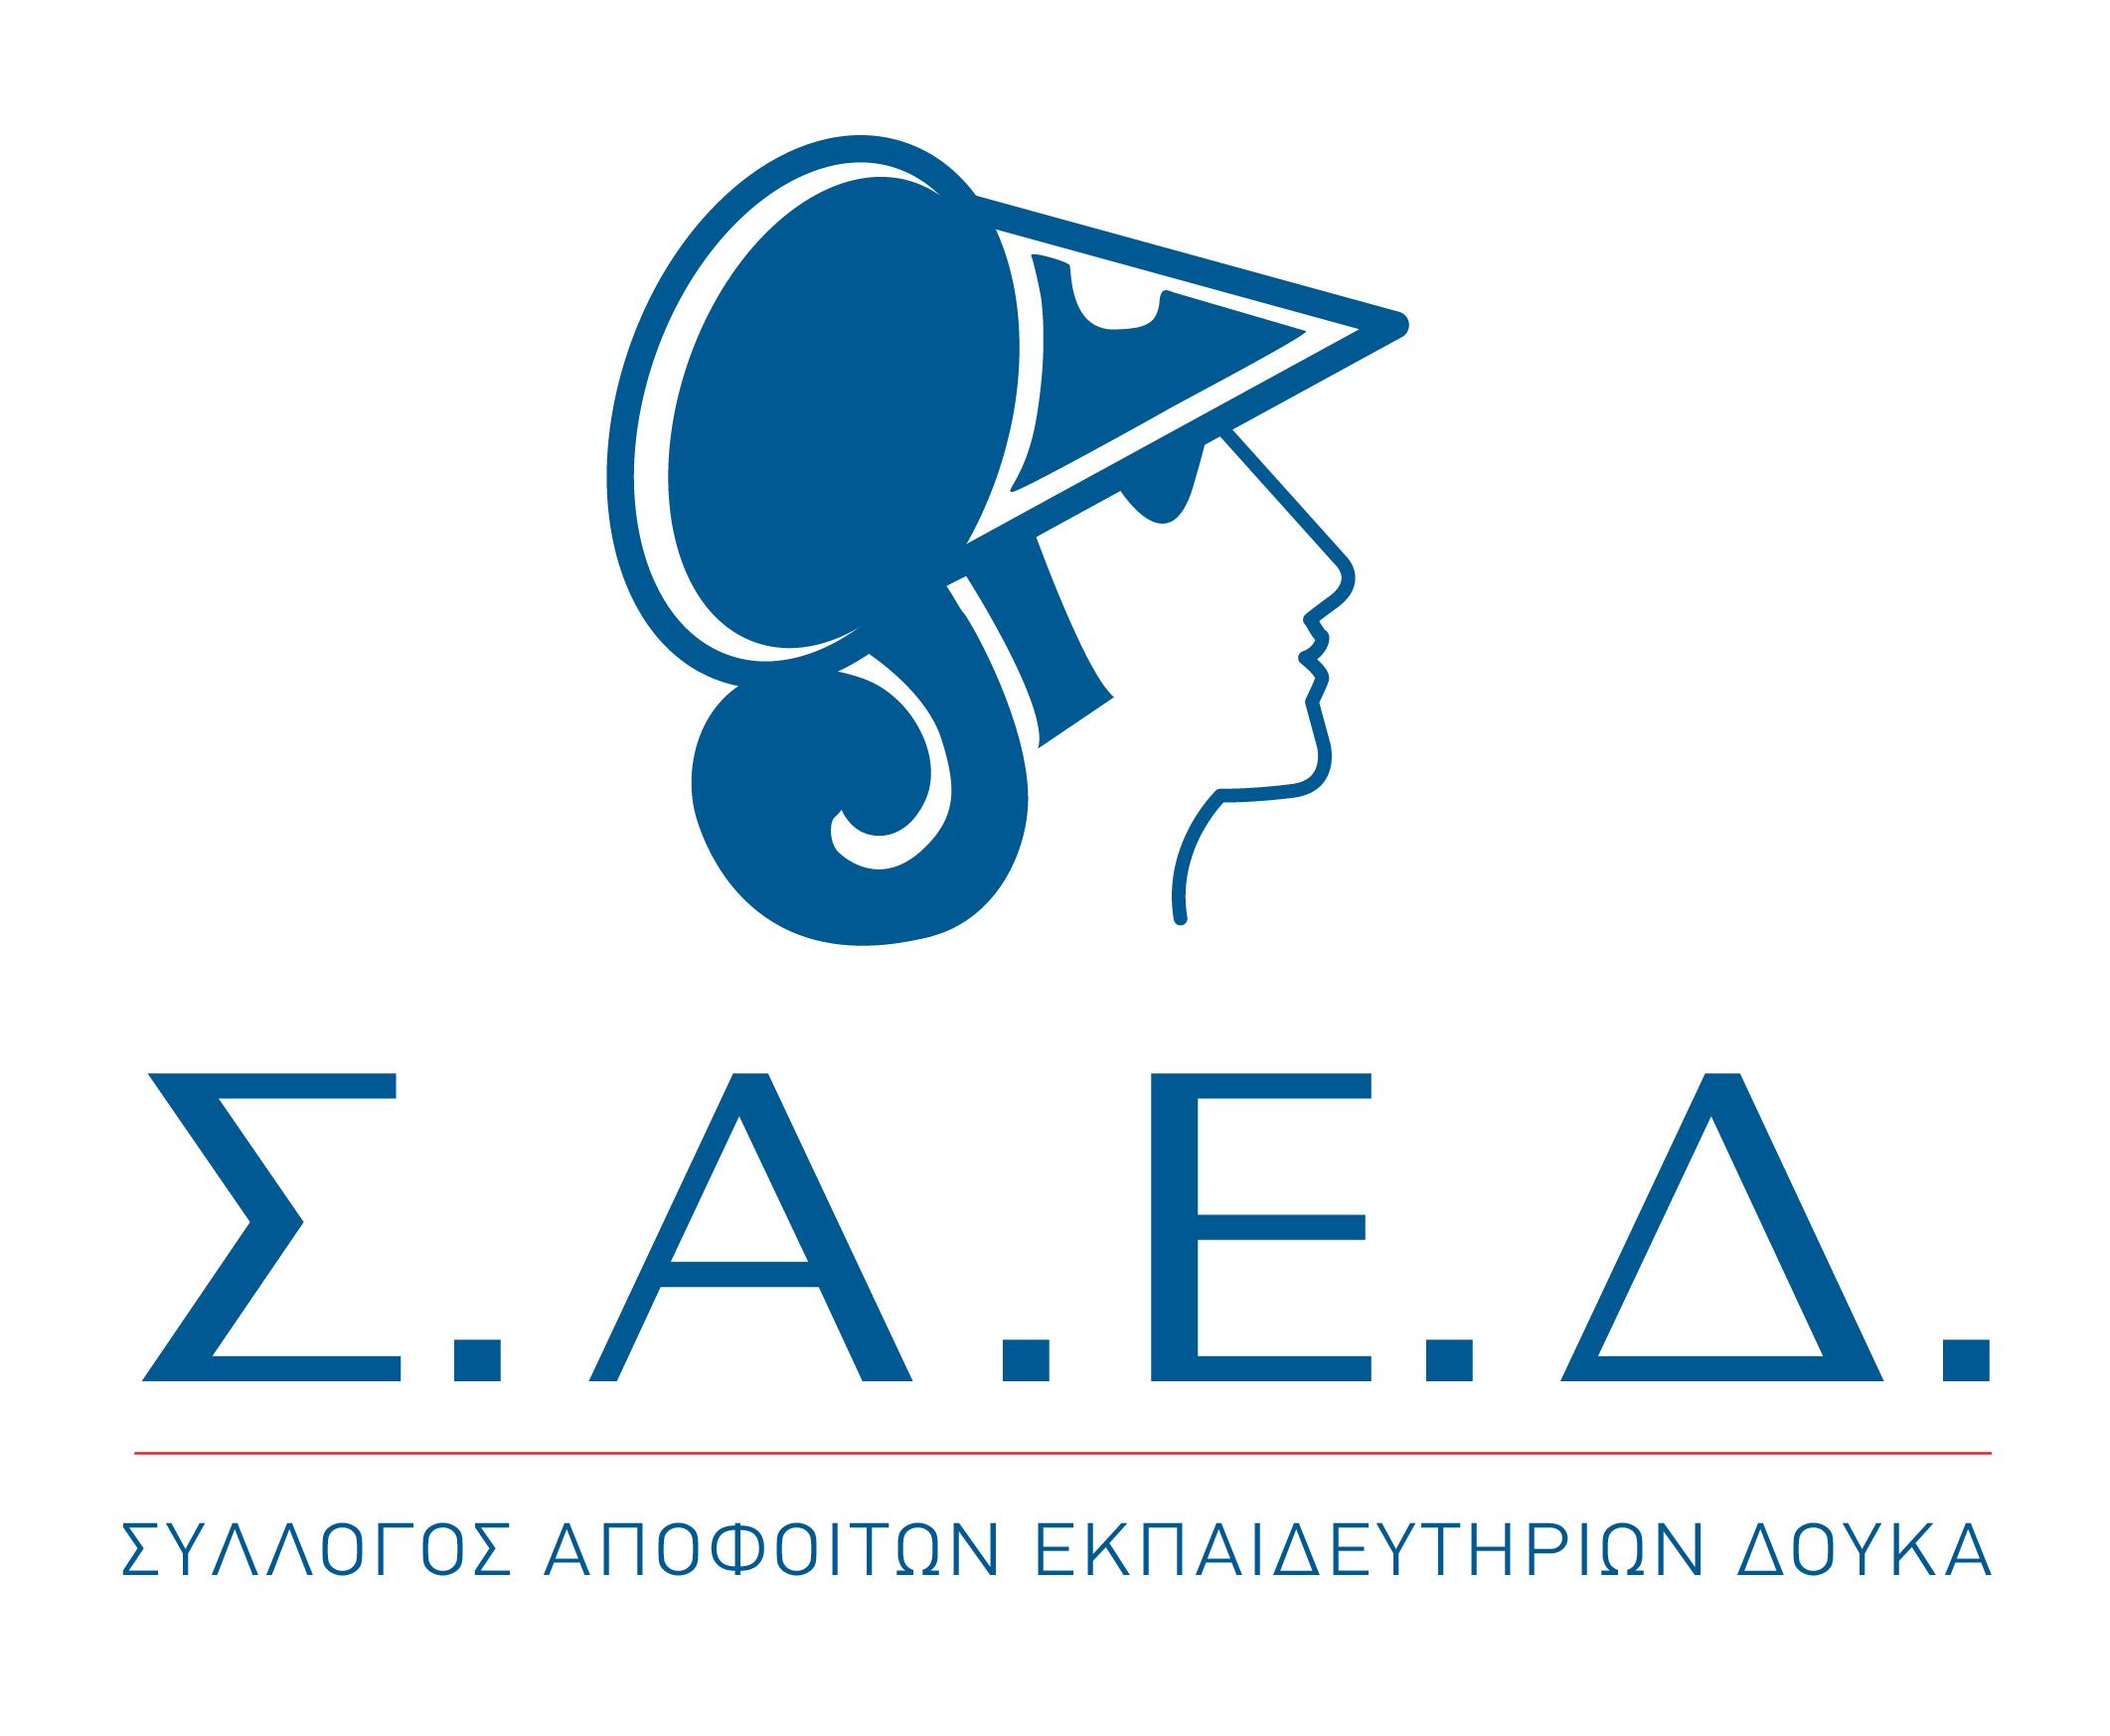 ΣΑΕΔ – Σύλλογος Αποφοίτων Εκπαιδευτηρίων Δούκα